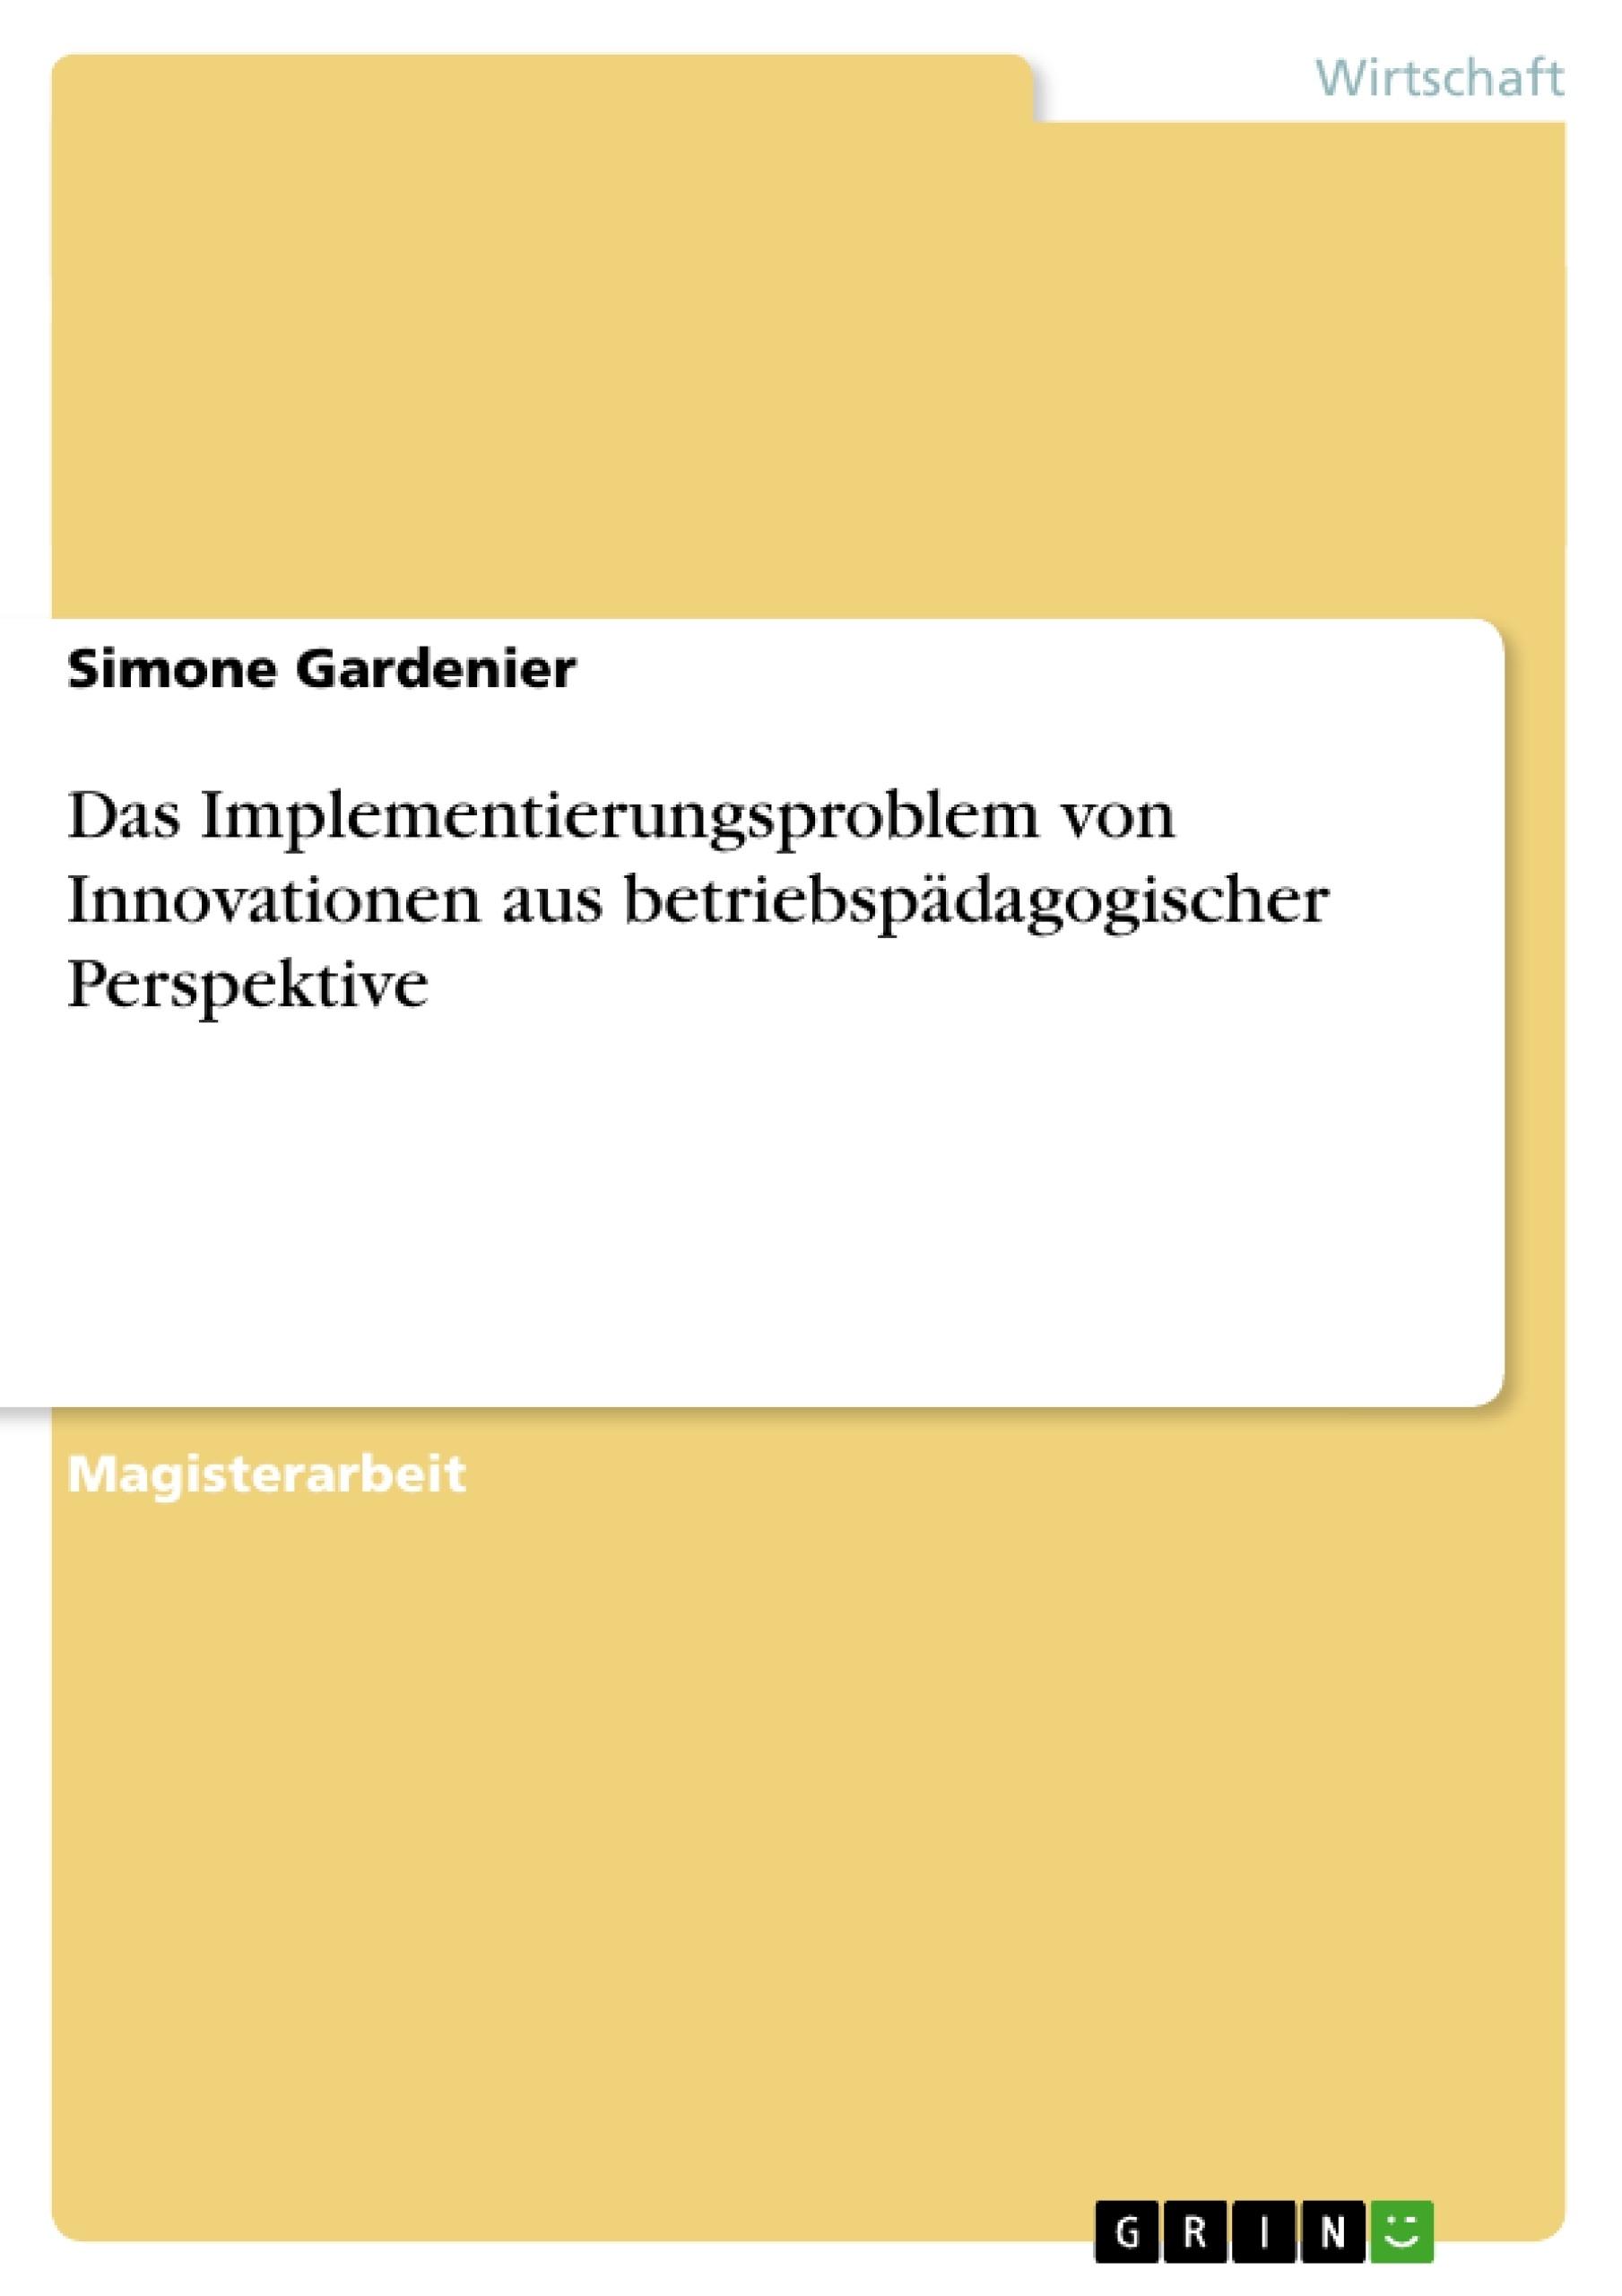 Titel: Das Implementierungsproblem von Innovationen aus betriebspädagogischer Perspektive